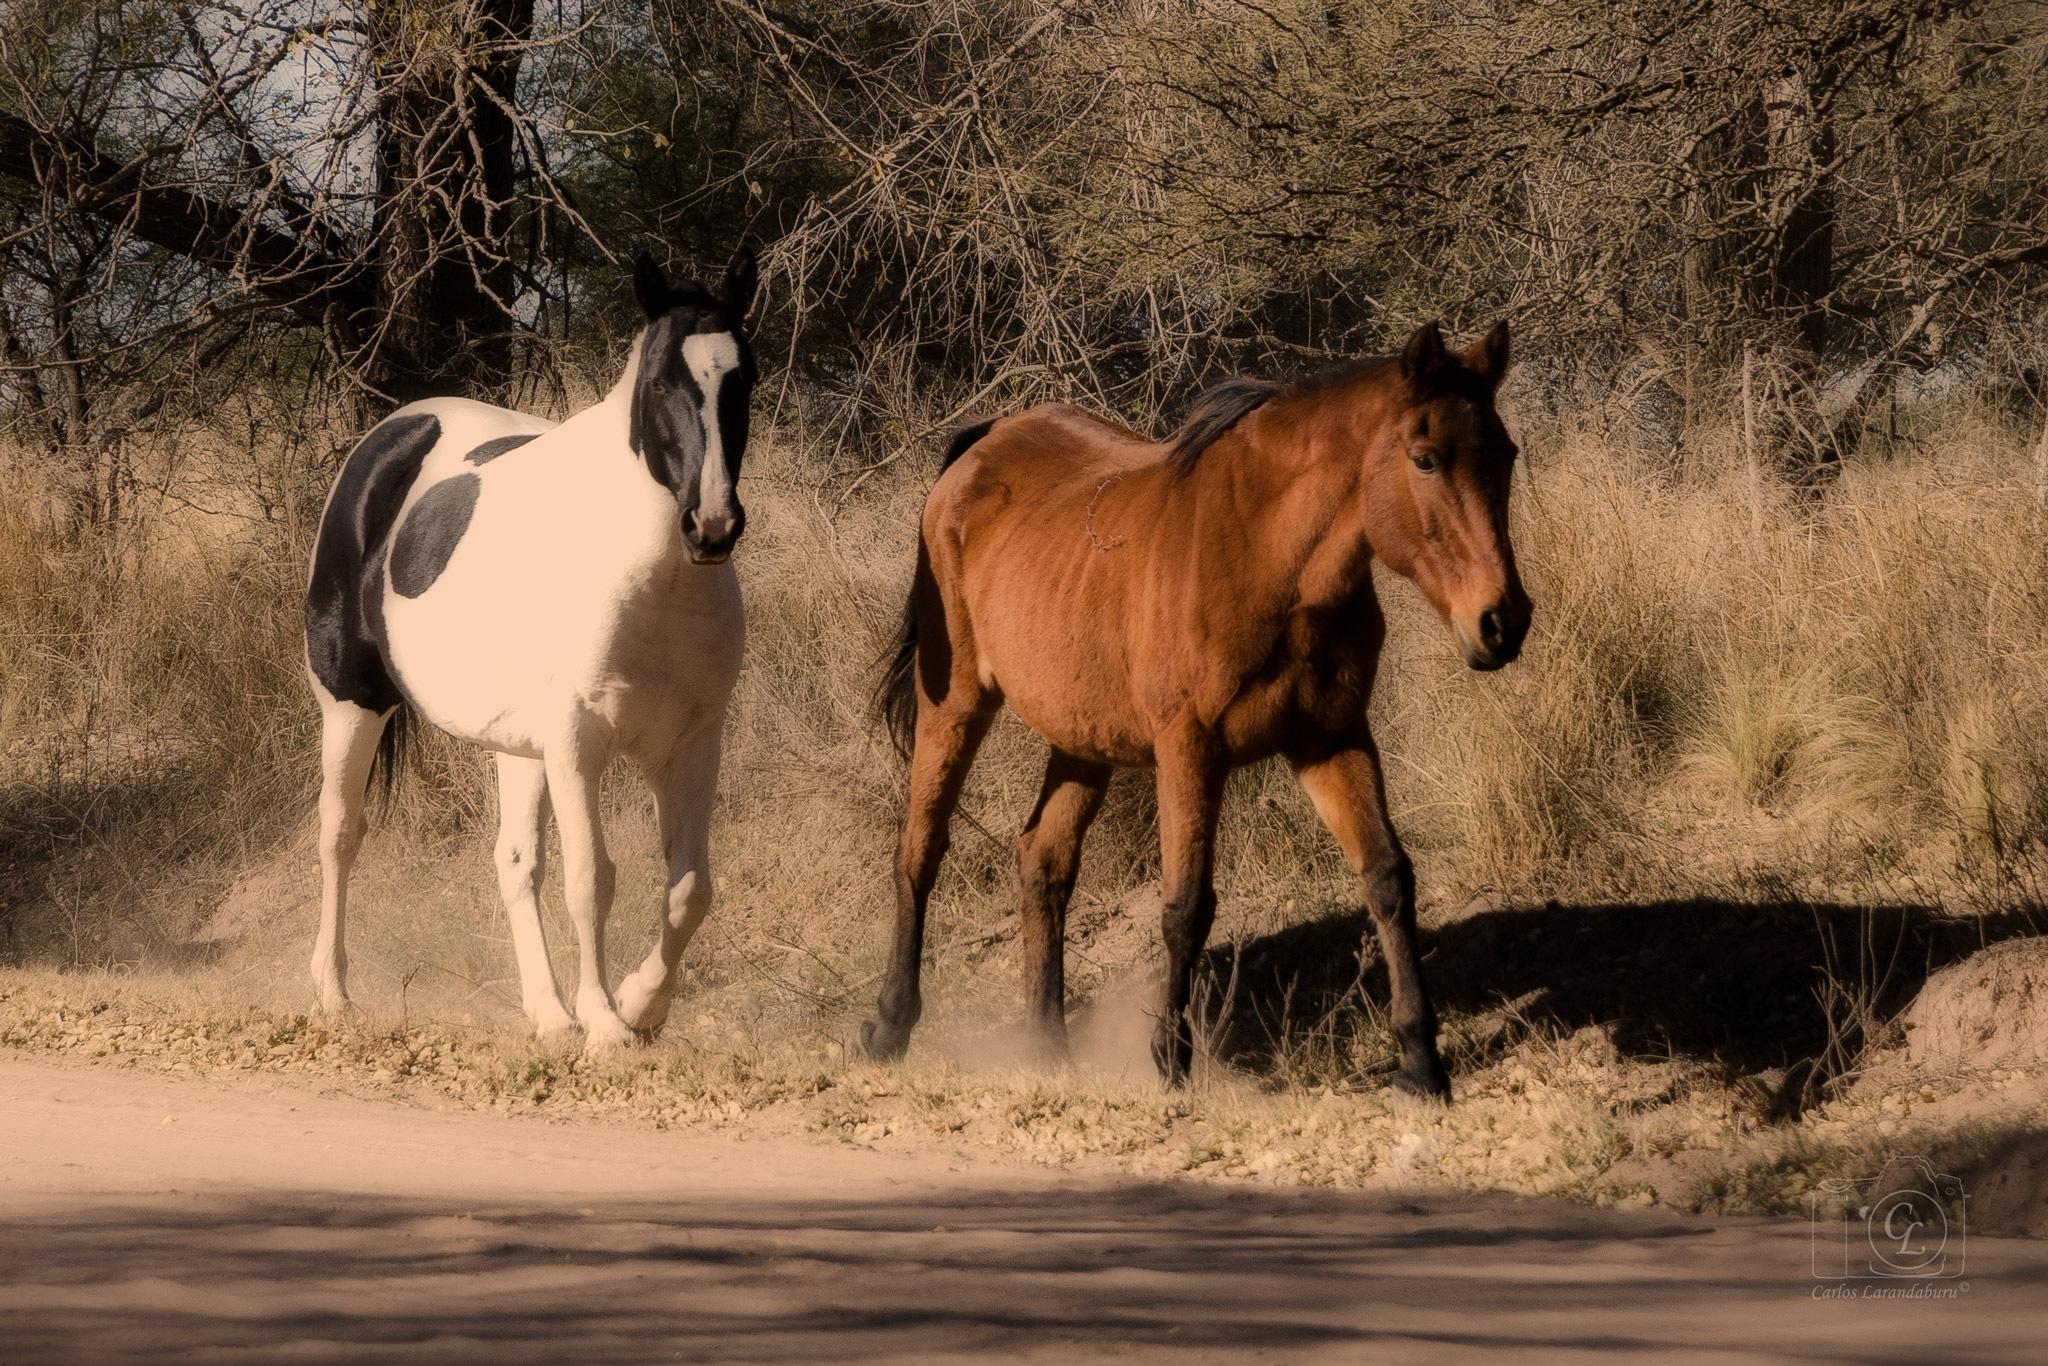 Horses by clarandaburu